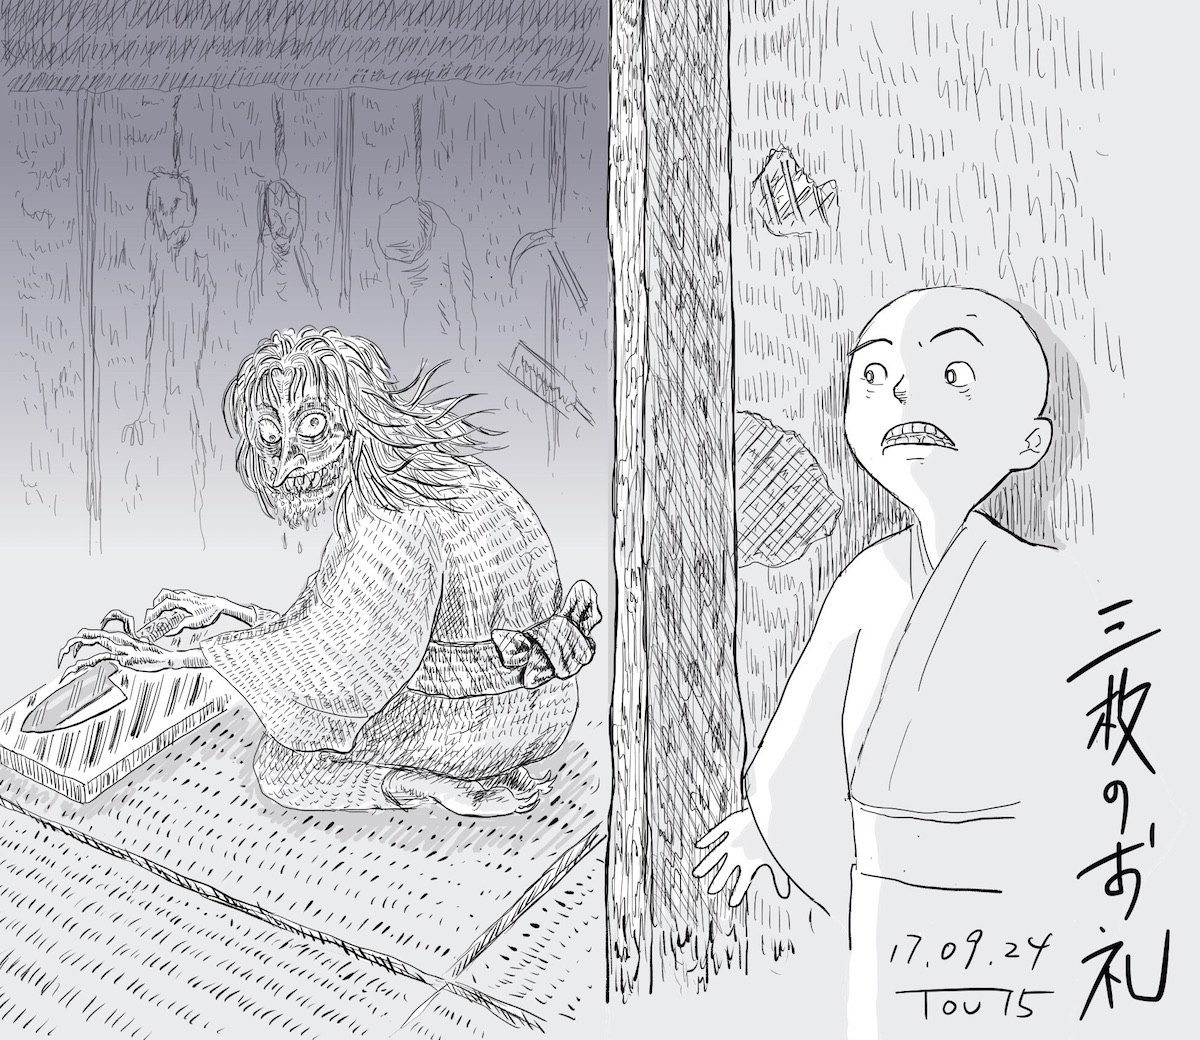 日本の昔話『三枚のお札』がホラー映画を越える理由とは!